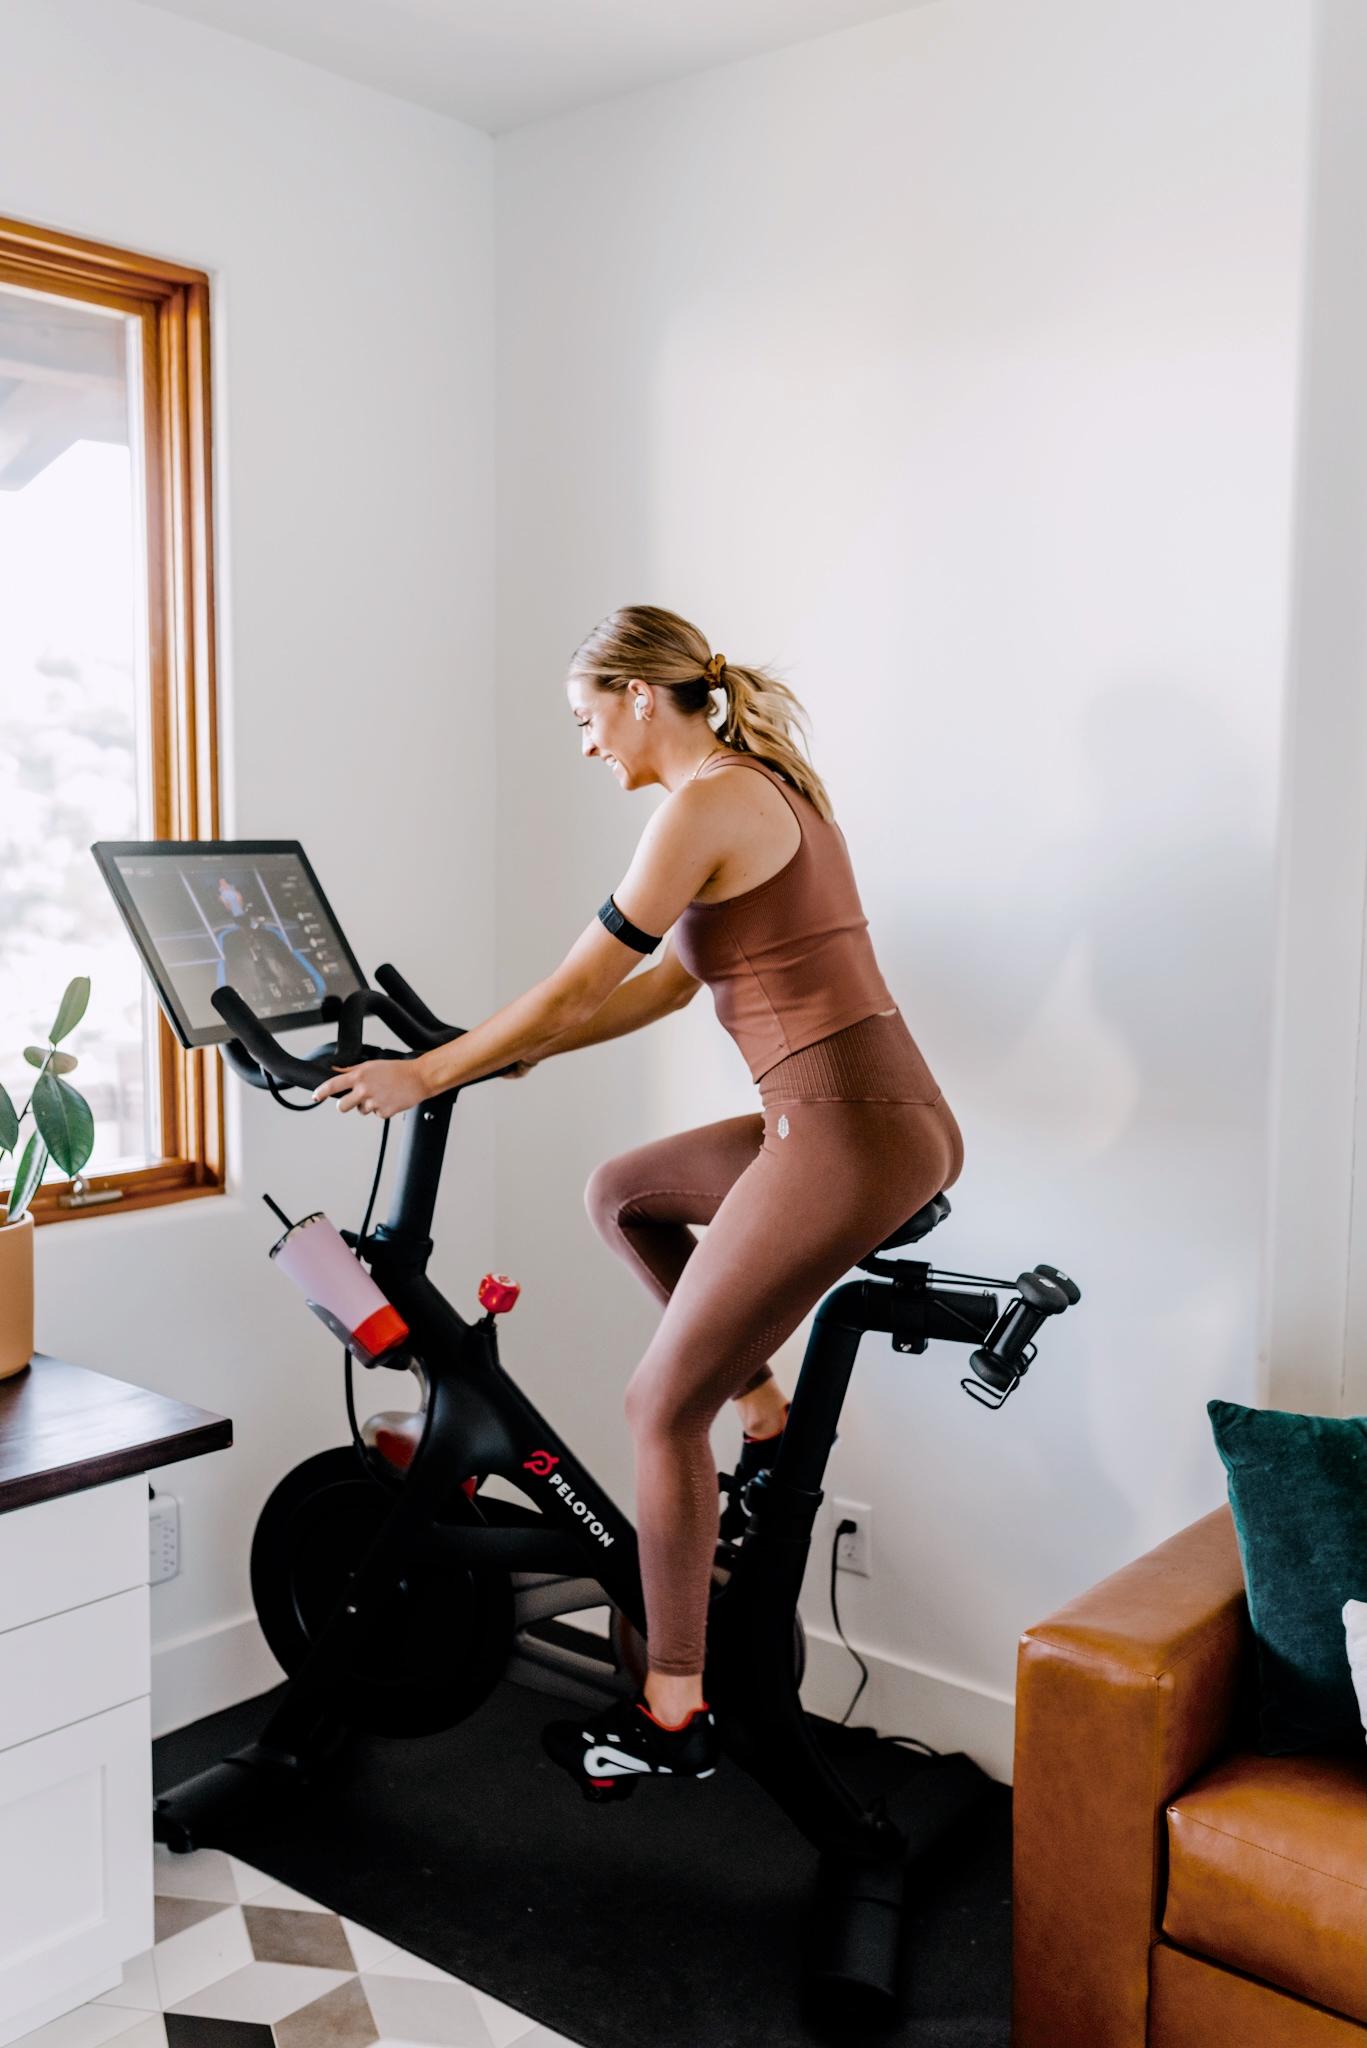 How to ride the Peloton bike